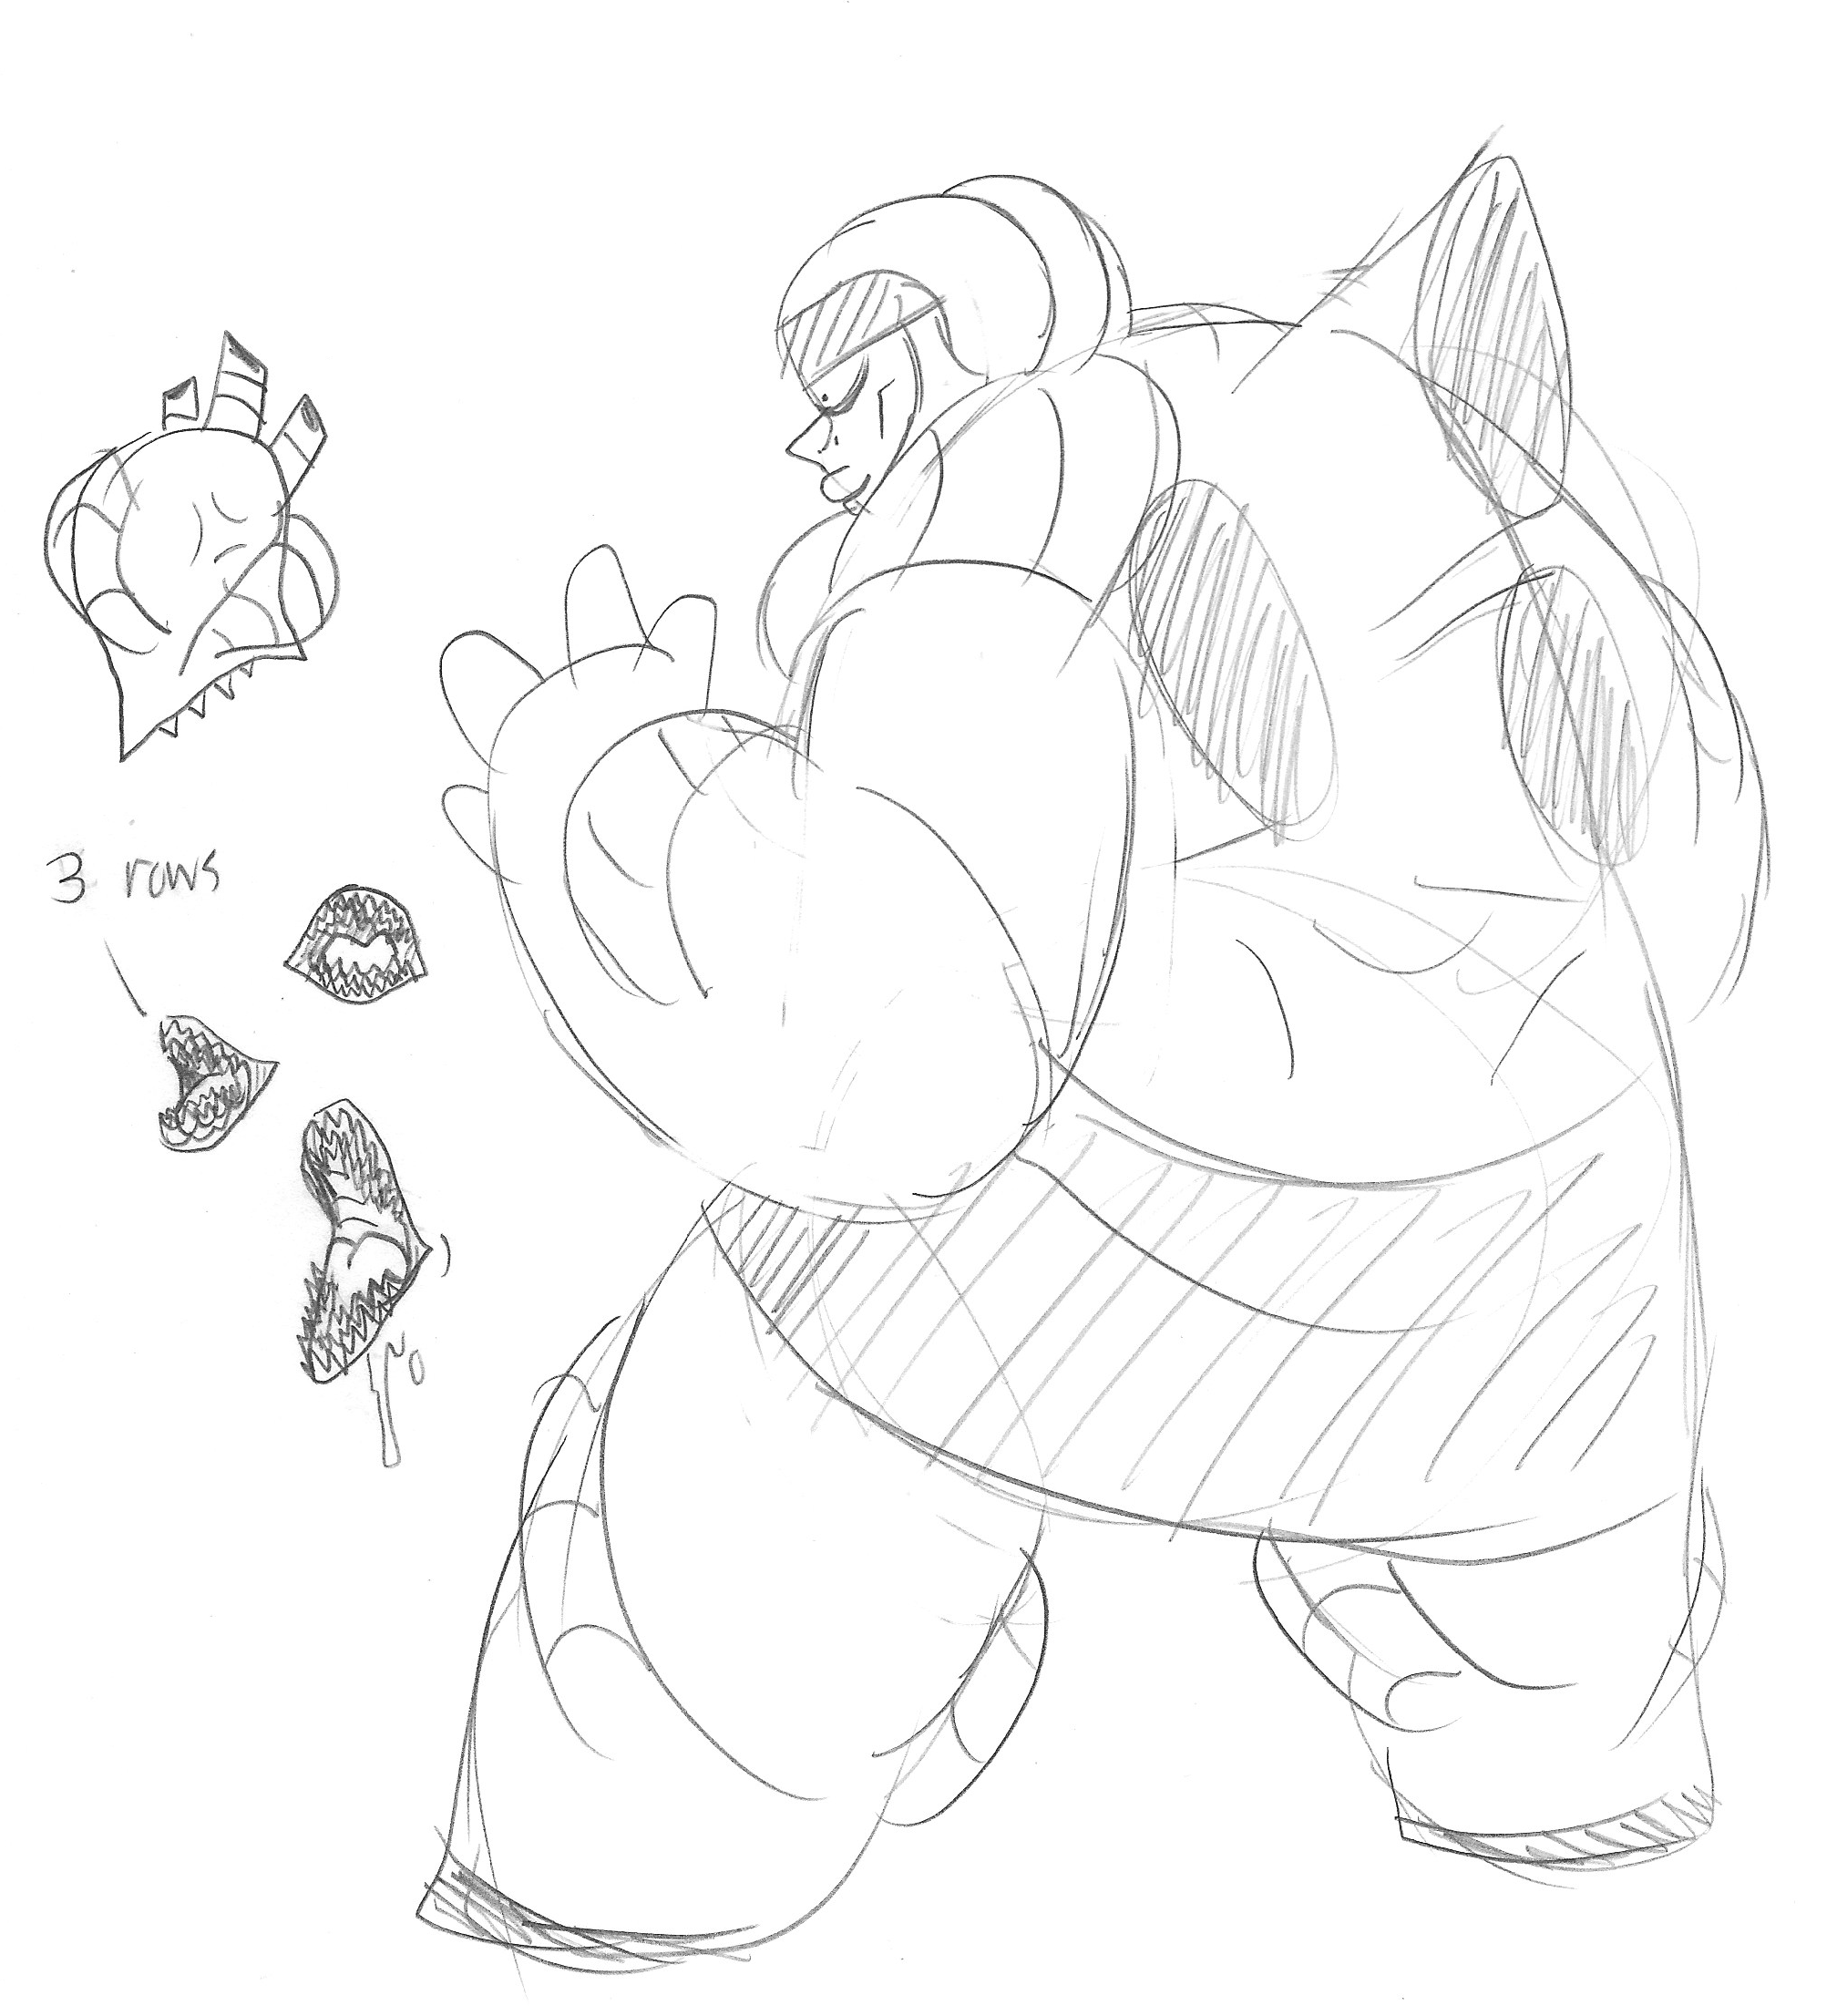 Al Brawn sketch dump